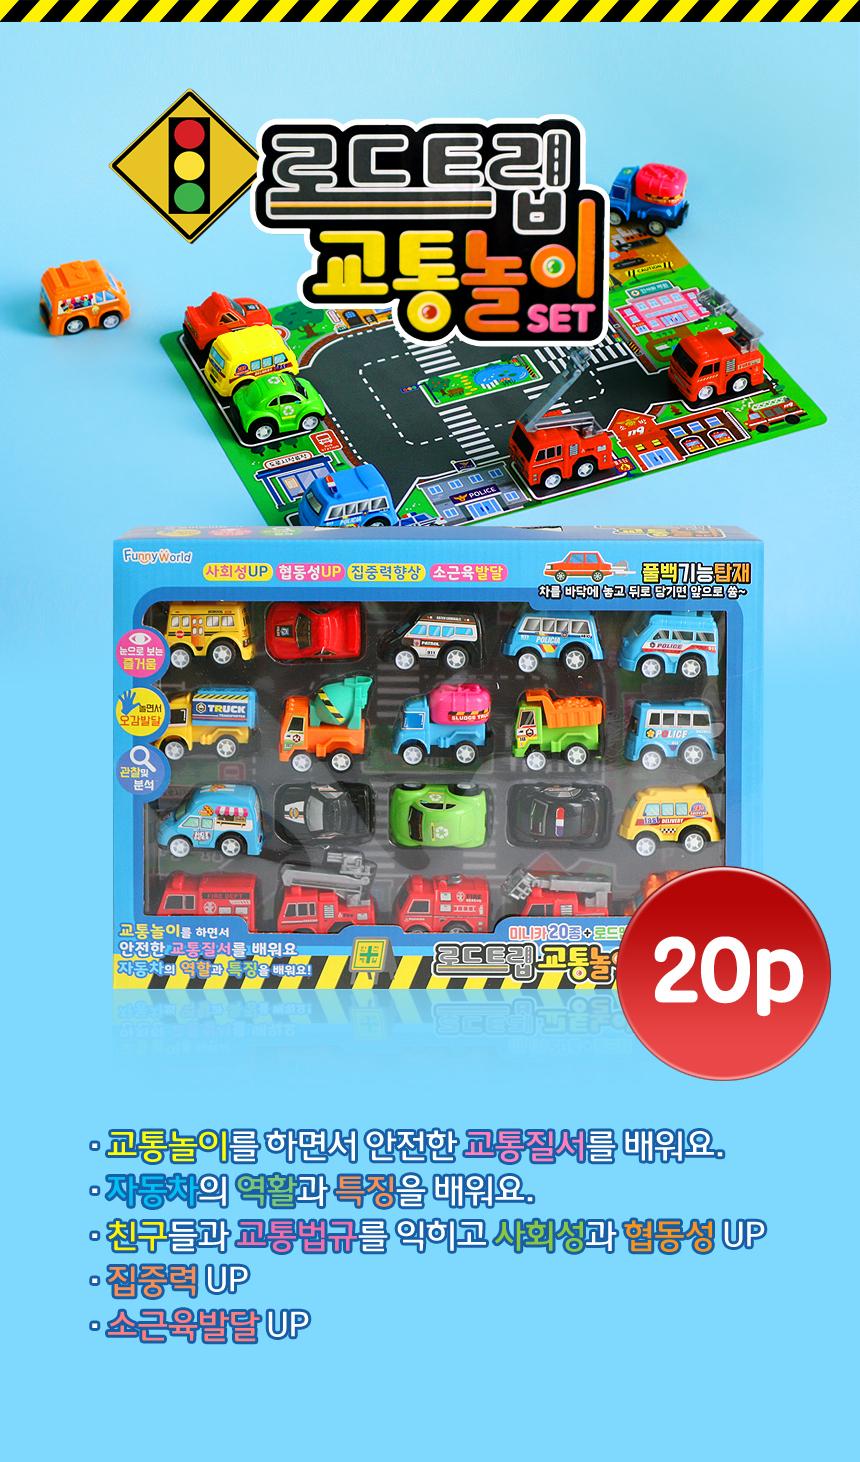 minicar20_01.jpg